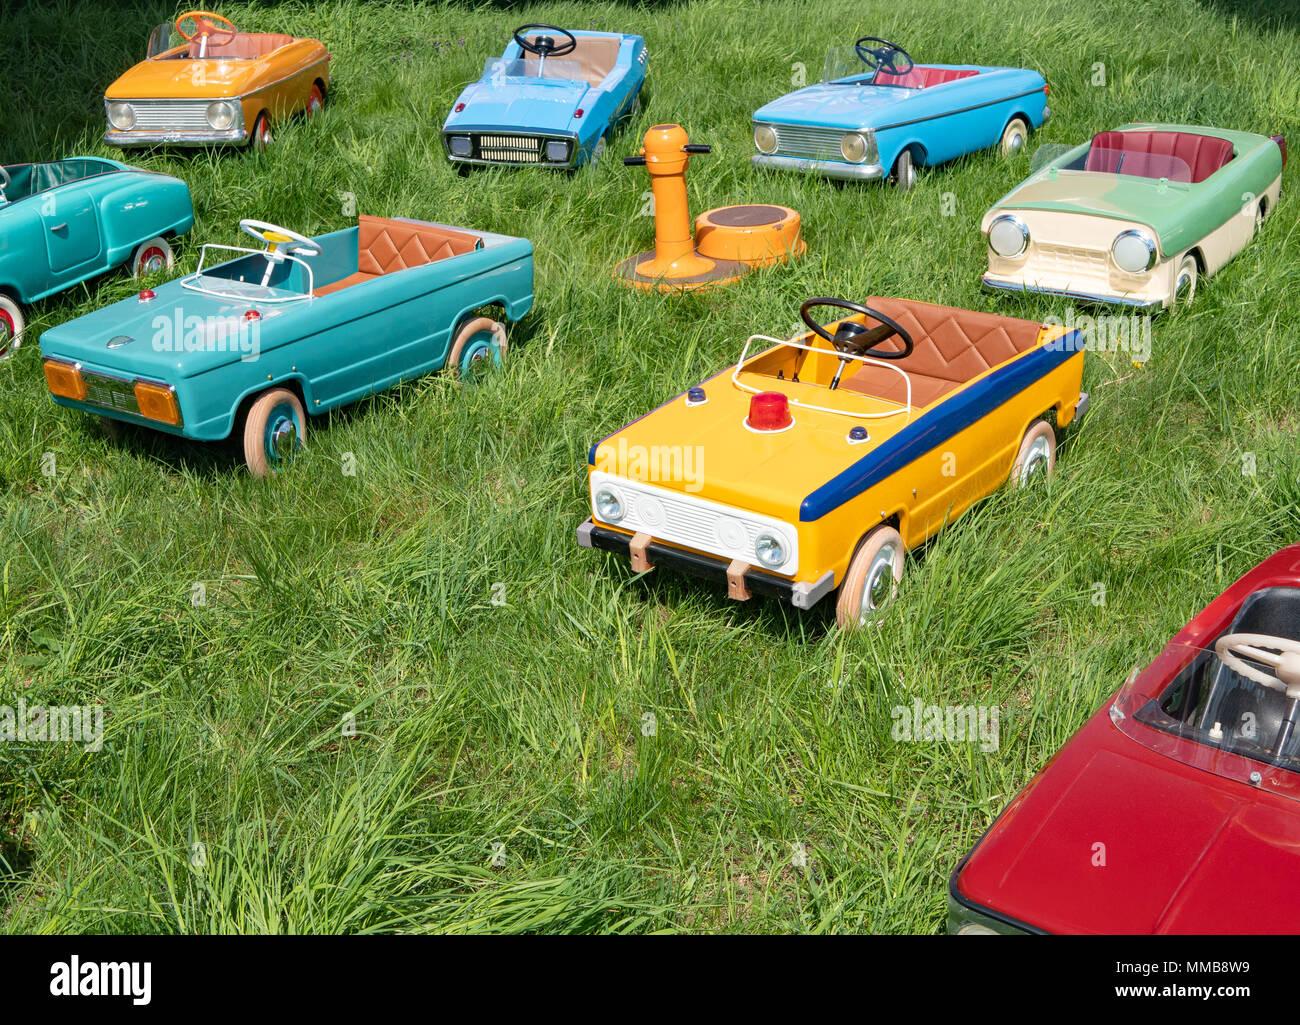 De nombreux jouets anciens de voitures à pédales pour enfants sur l herbe  verte à l aire de jeux 38fe9addce45